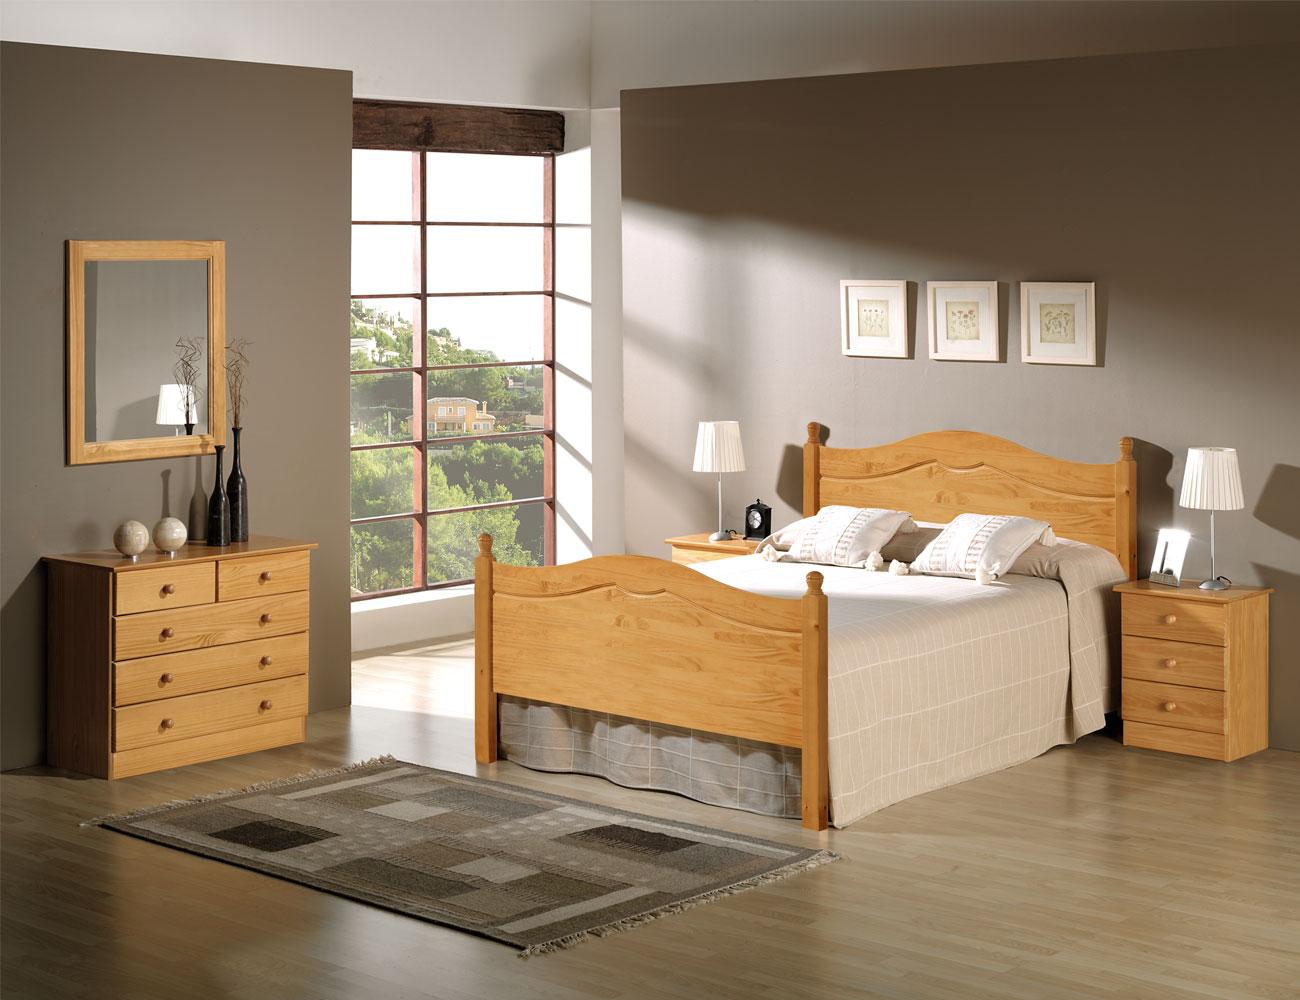 Malaga dormitorio matrimonio madera pino provenzal